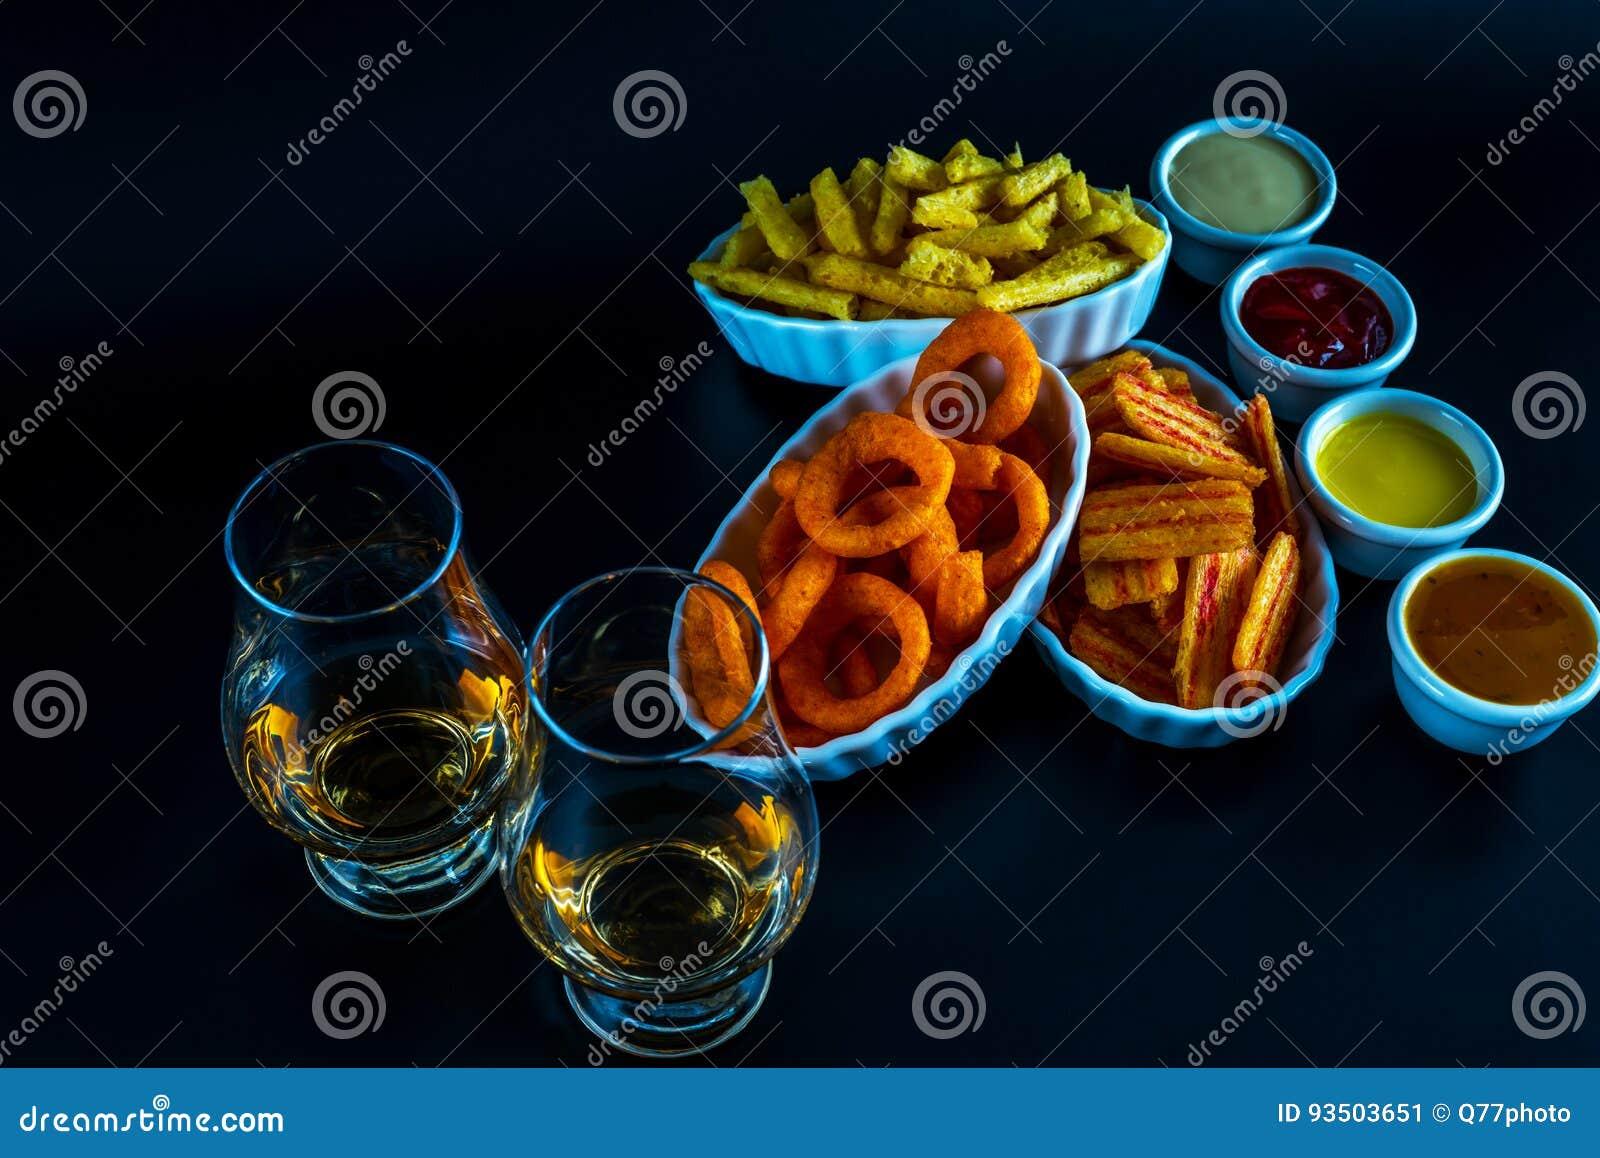 Satz Snäcke mit verschiedenen Bädern und einzelnes Malz in einem Glas,